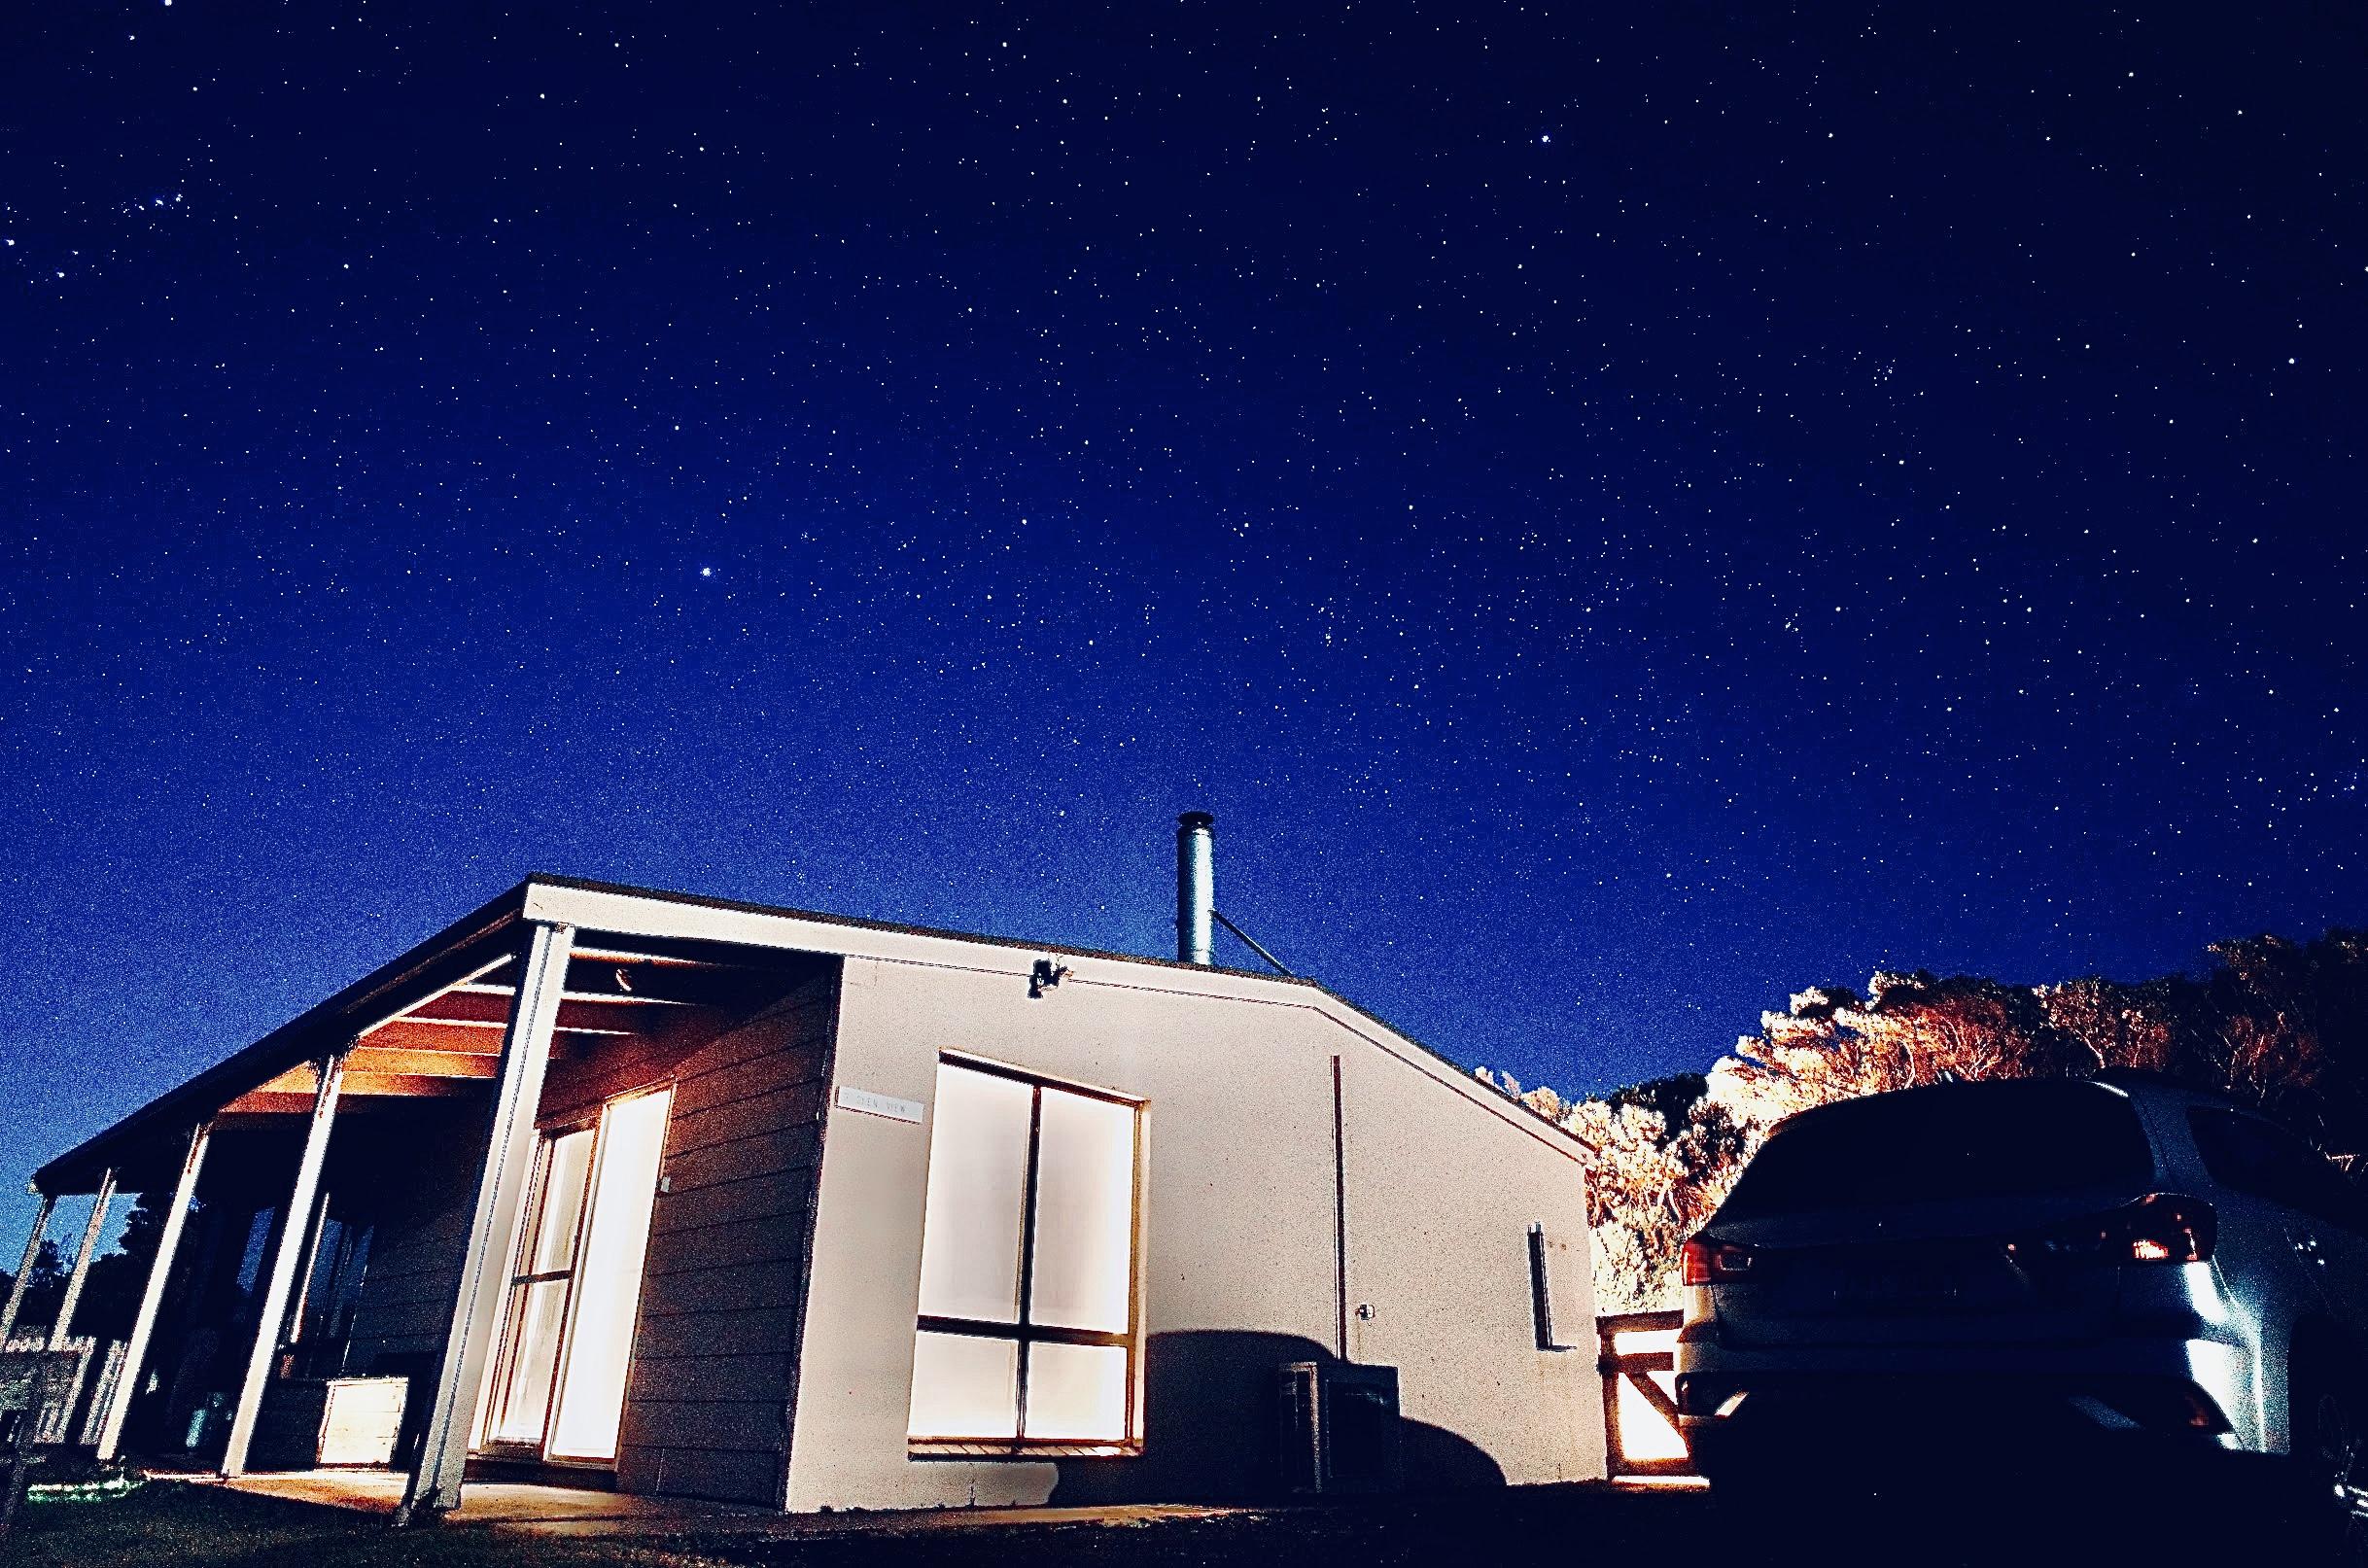 澳洲墨爾本|大洋路 約翰娜海濱小屋鄉村民宿(Johanna Seaside Cottages)